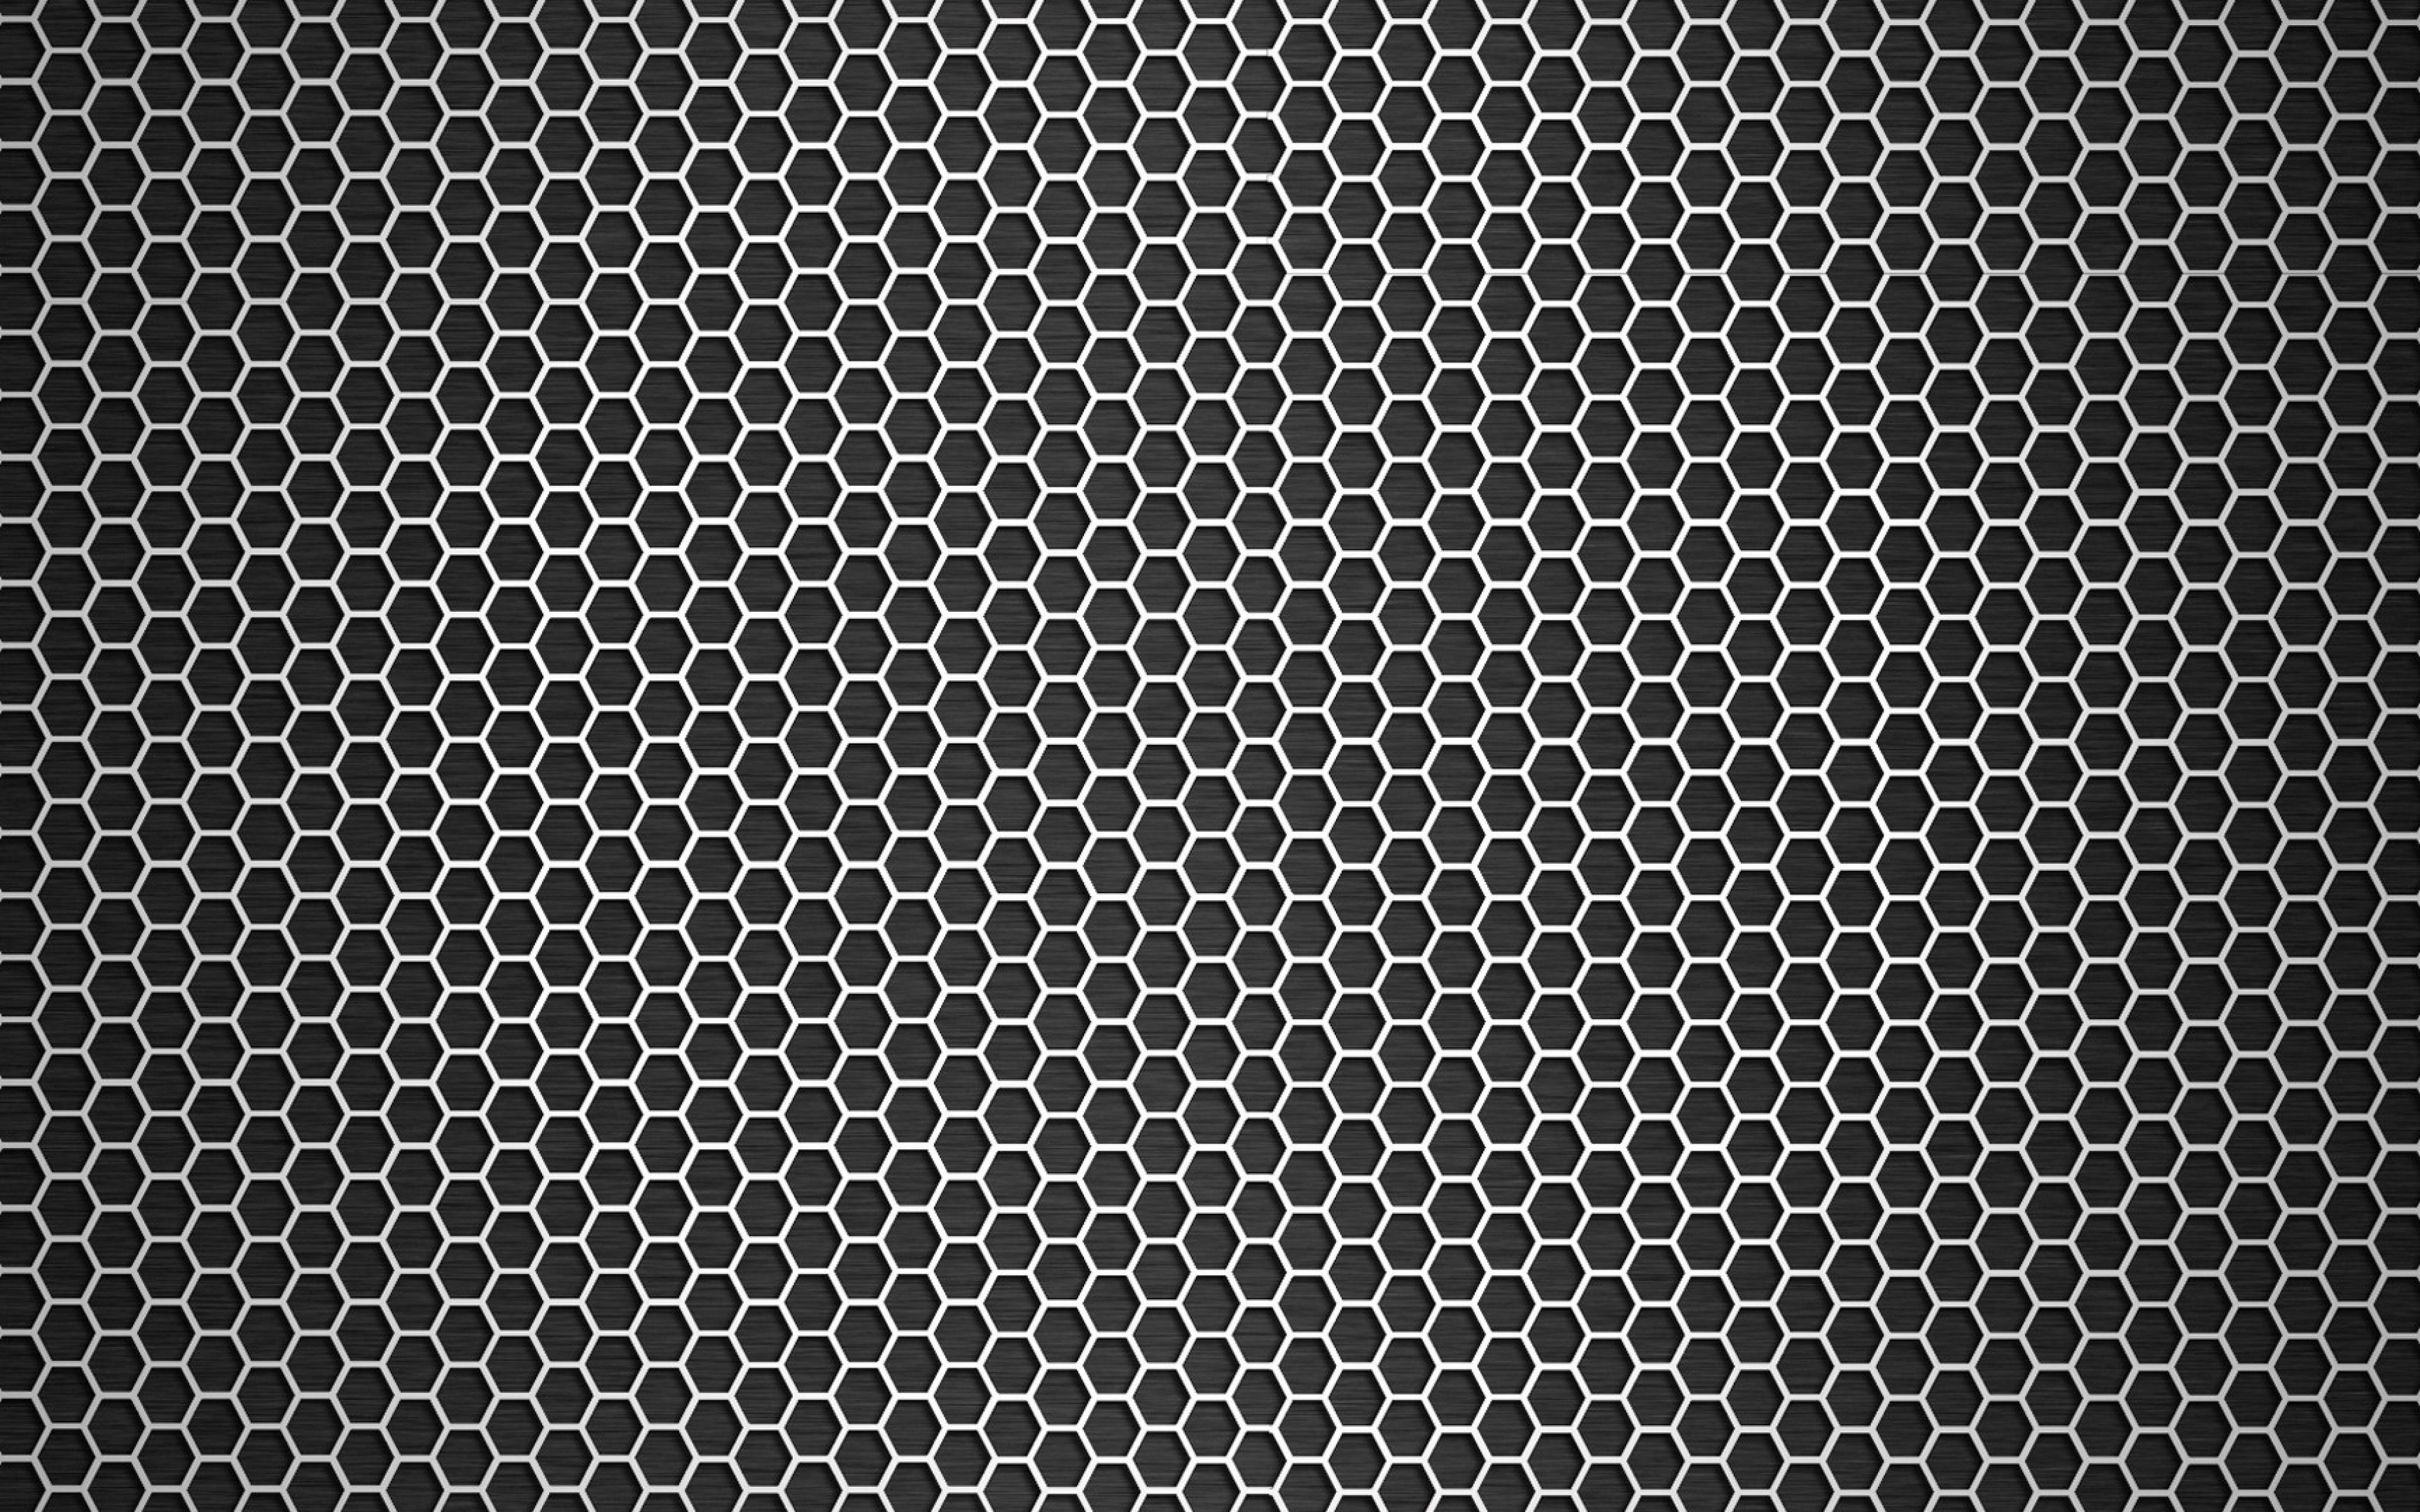 Wallpaper 3840x2400 grid circles metal dark texture Ultra HD 4K 3840x2400